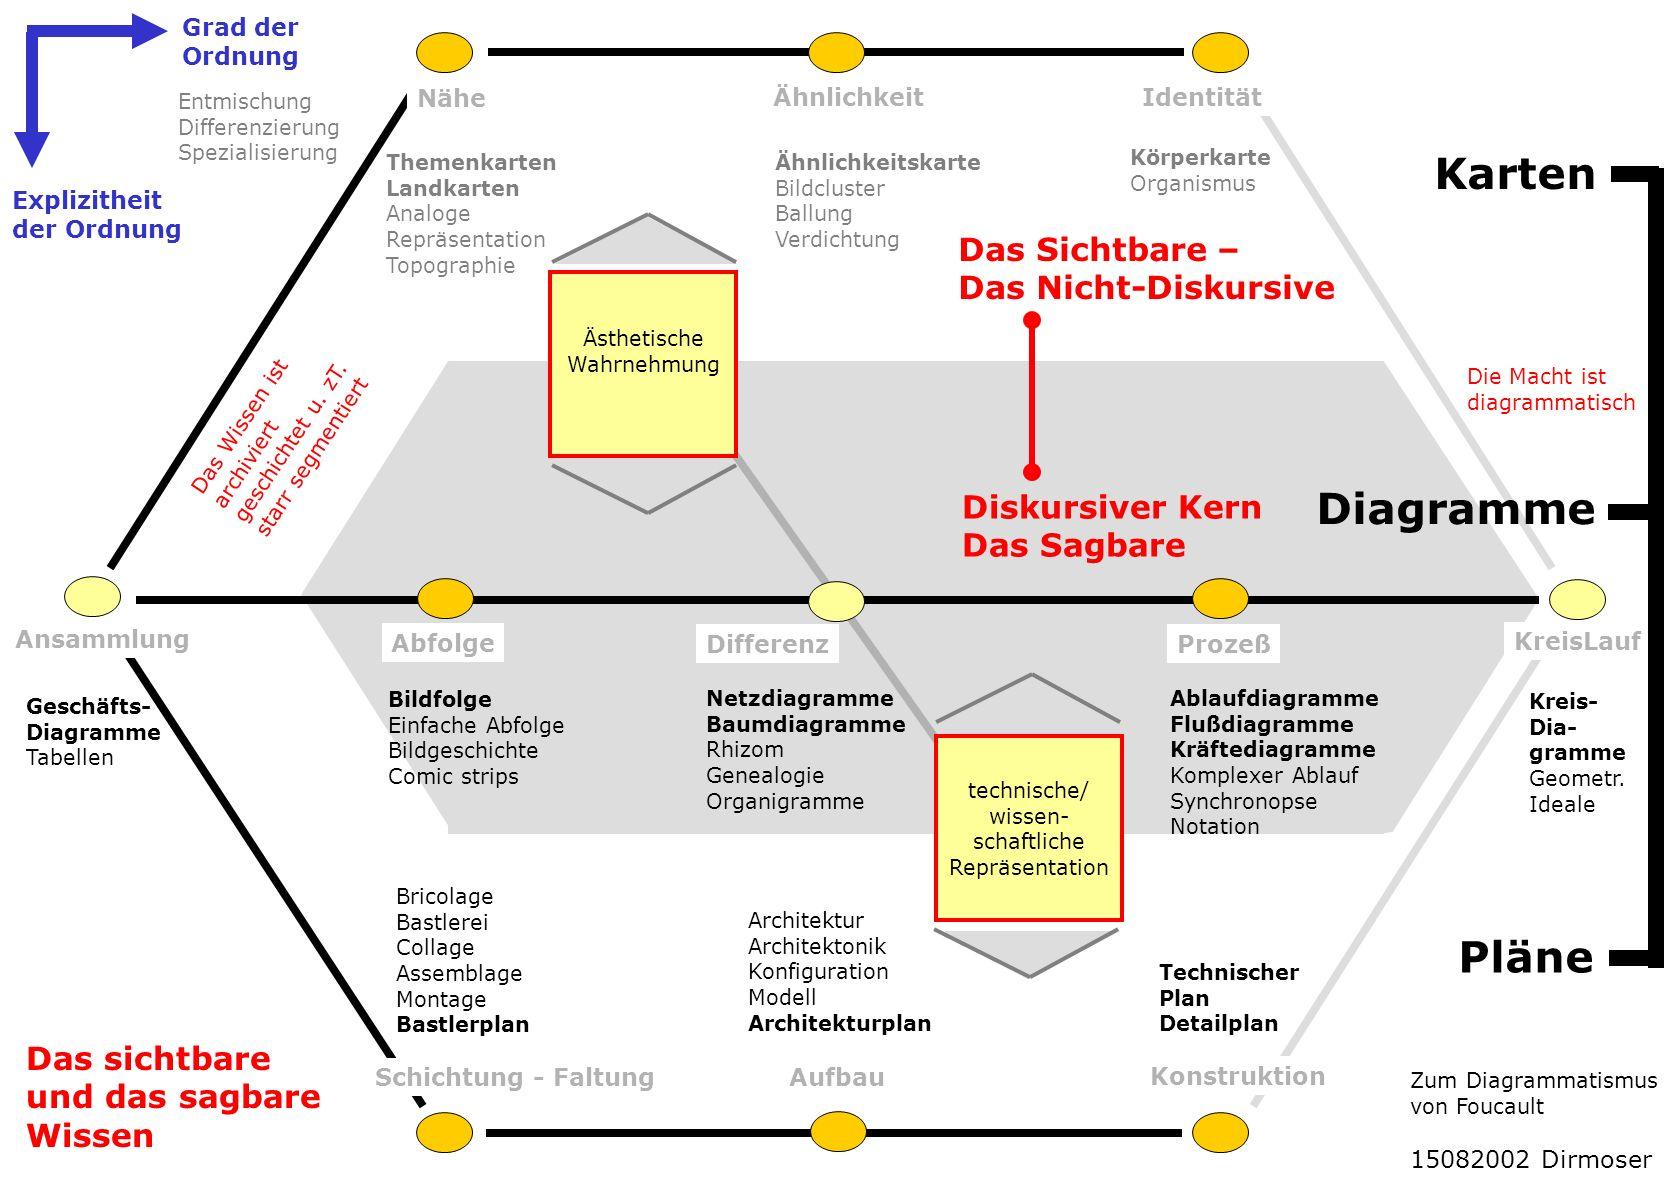 Karten Diagramme Pläne Das Sichtbare – Das Nicht-Diskursive